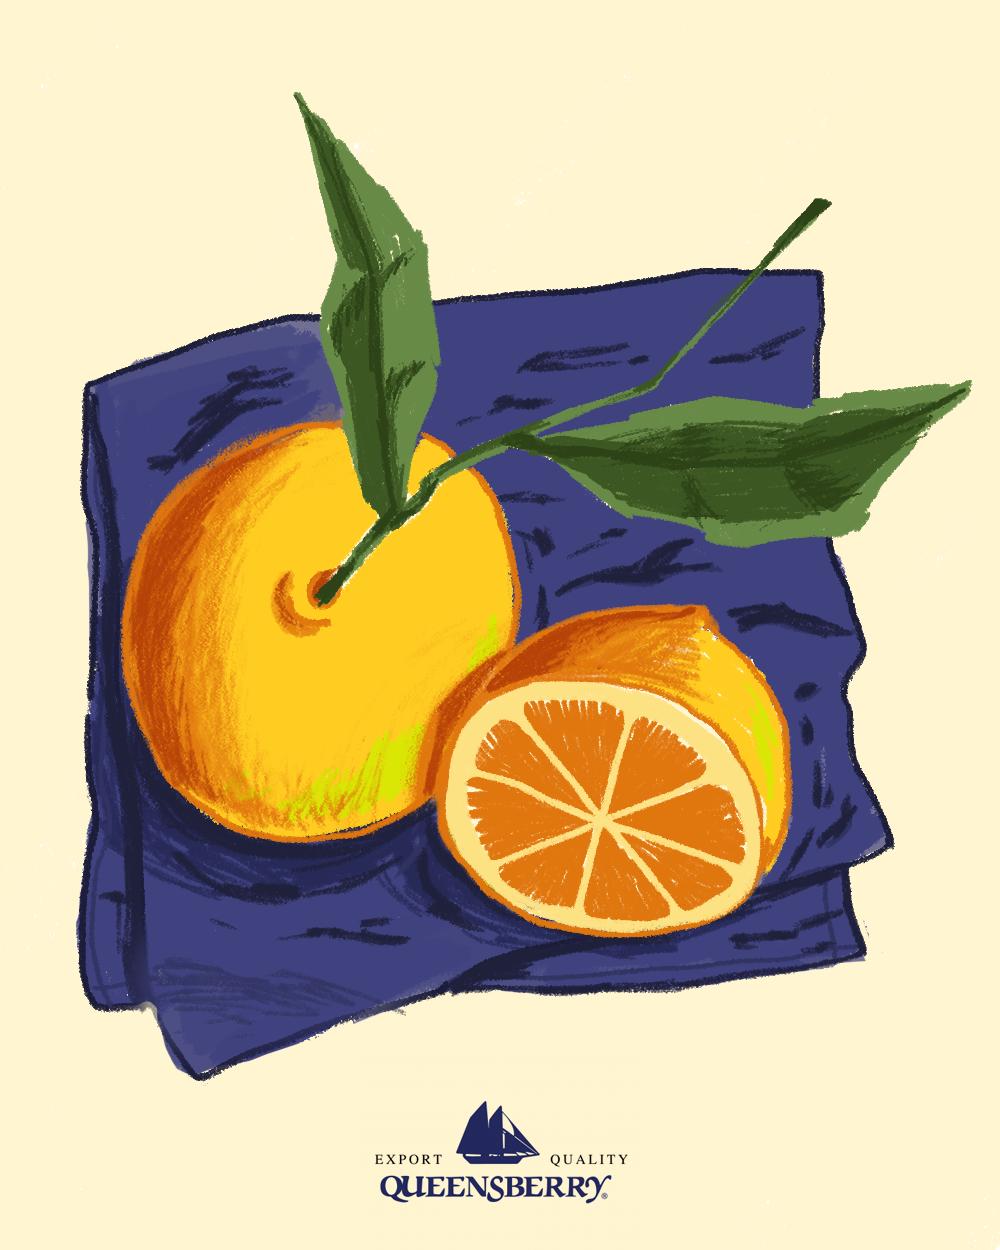 ilustra-laranja